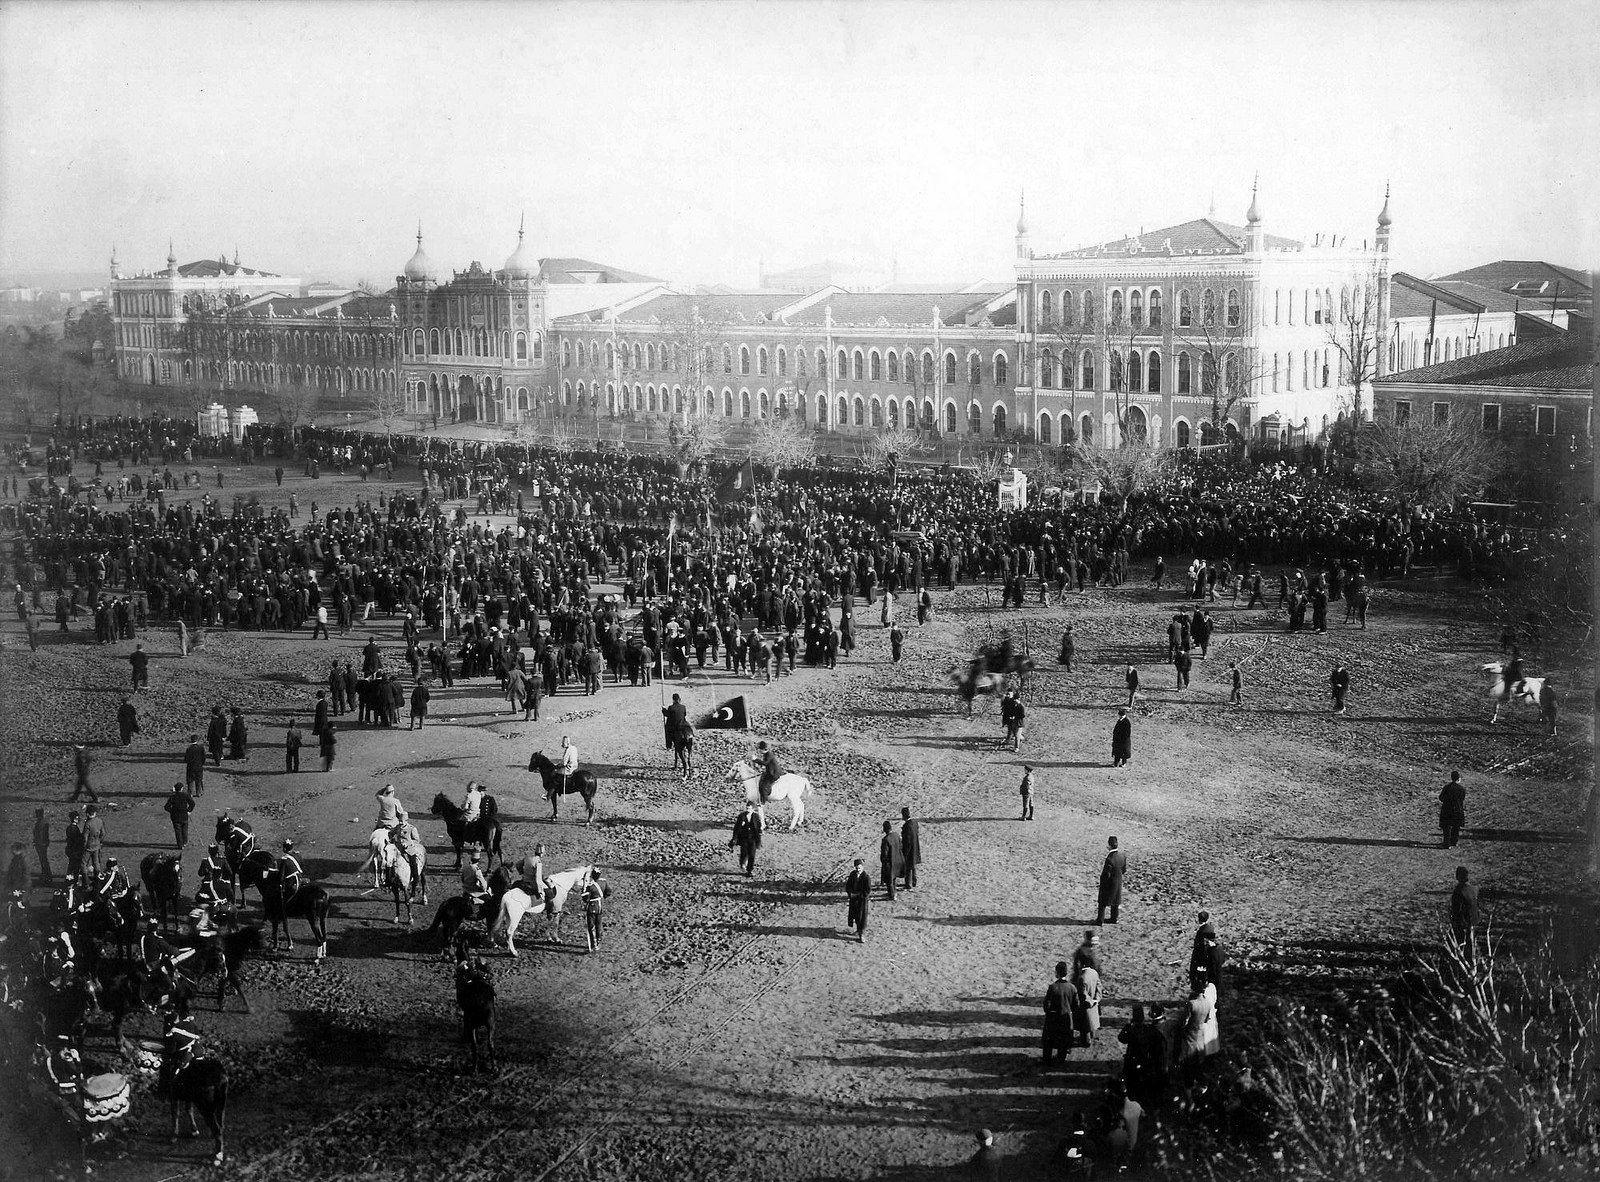 Topçu Kışlası önündeki talim alanında (Talimhane) askeri tören, 1922 öncesi. | par OTTOMAN IMPERIAL ARCHIVES